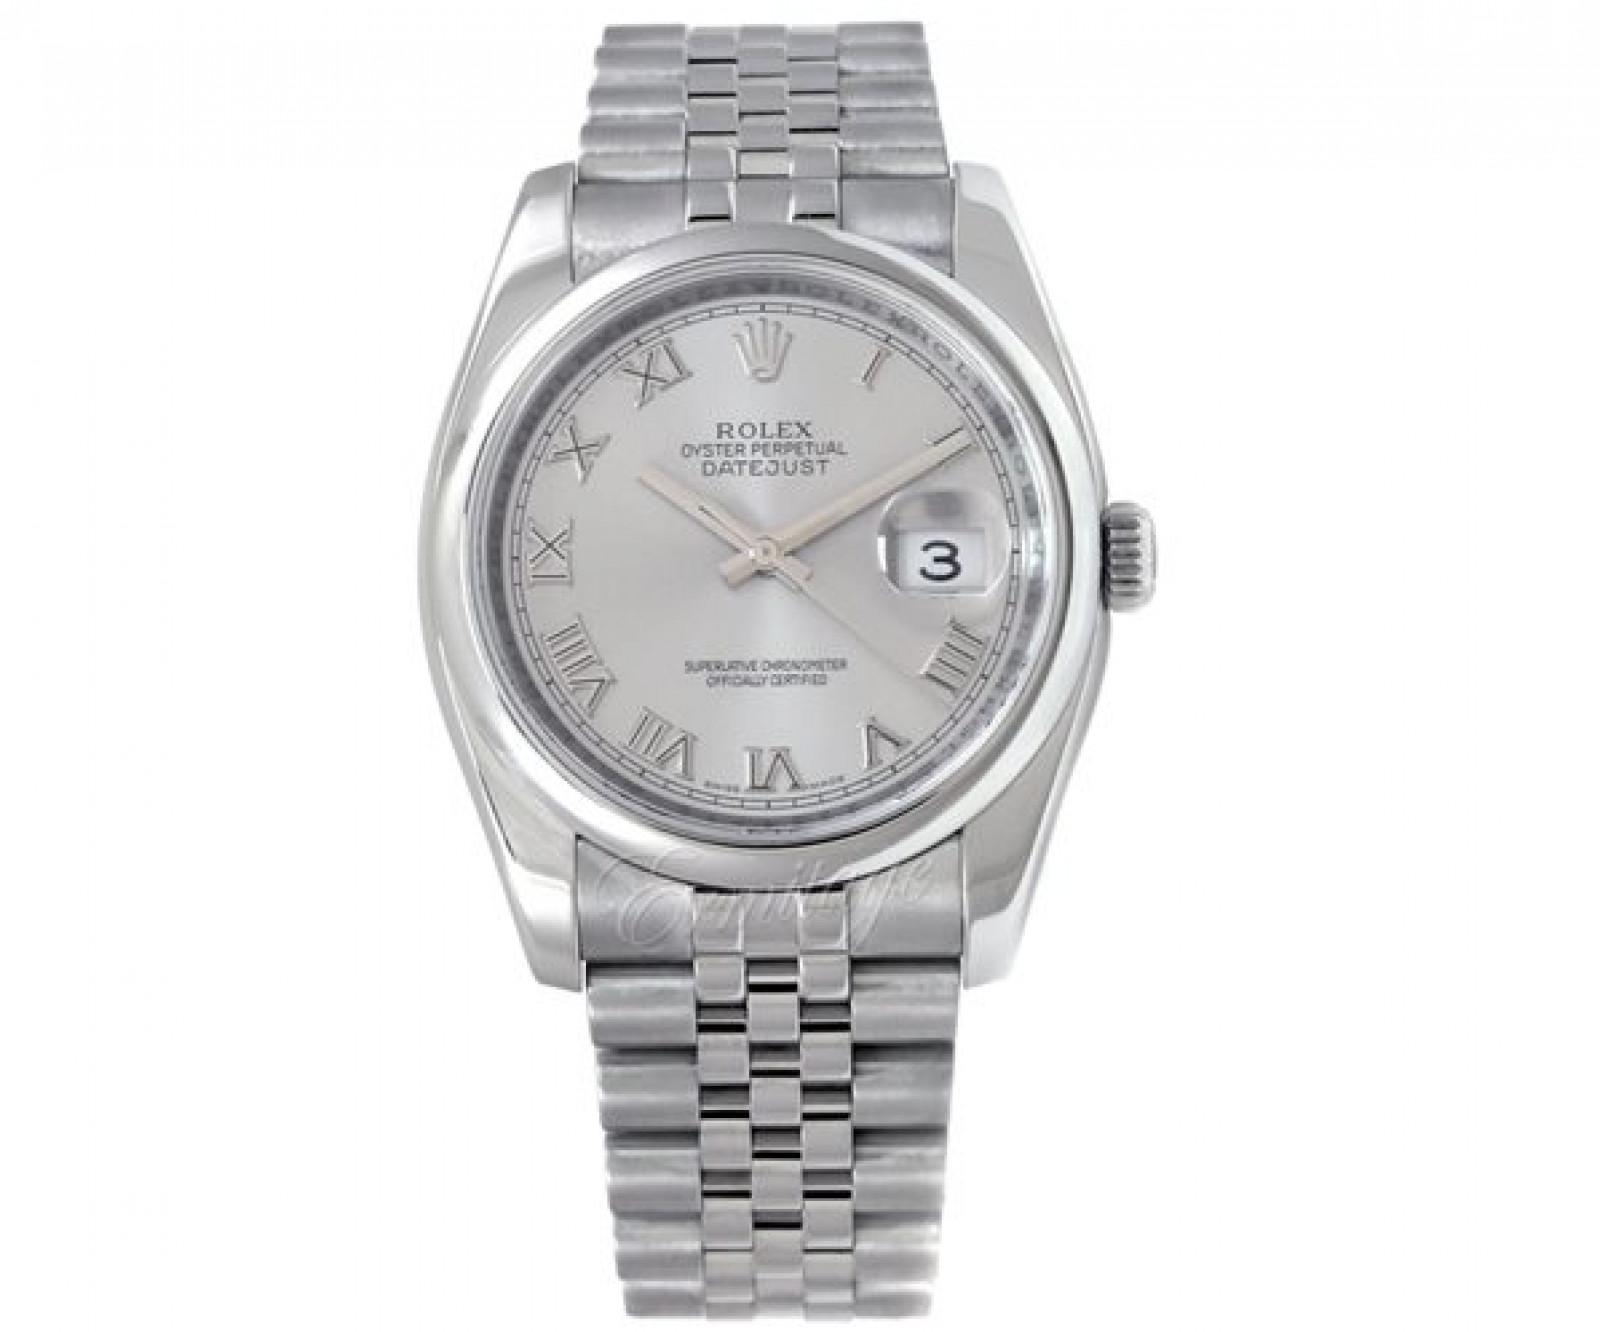 Authentic Rolex Datejust 116200